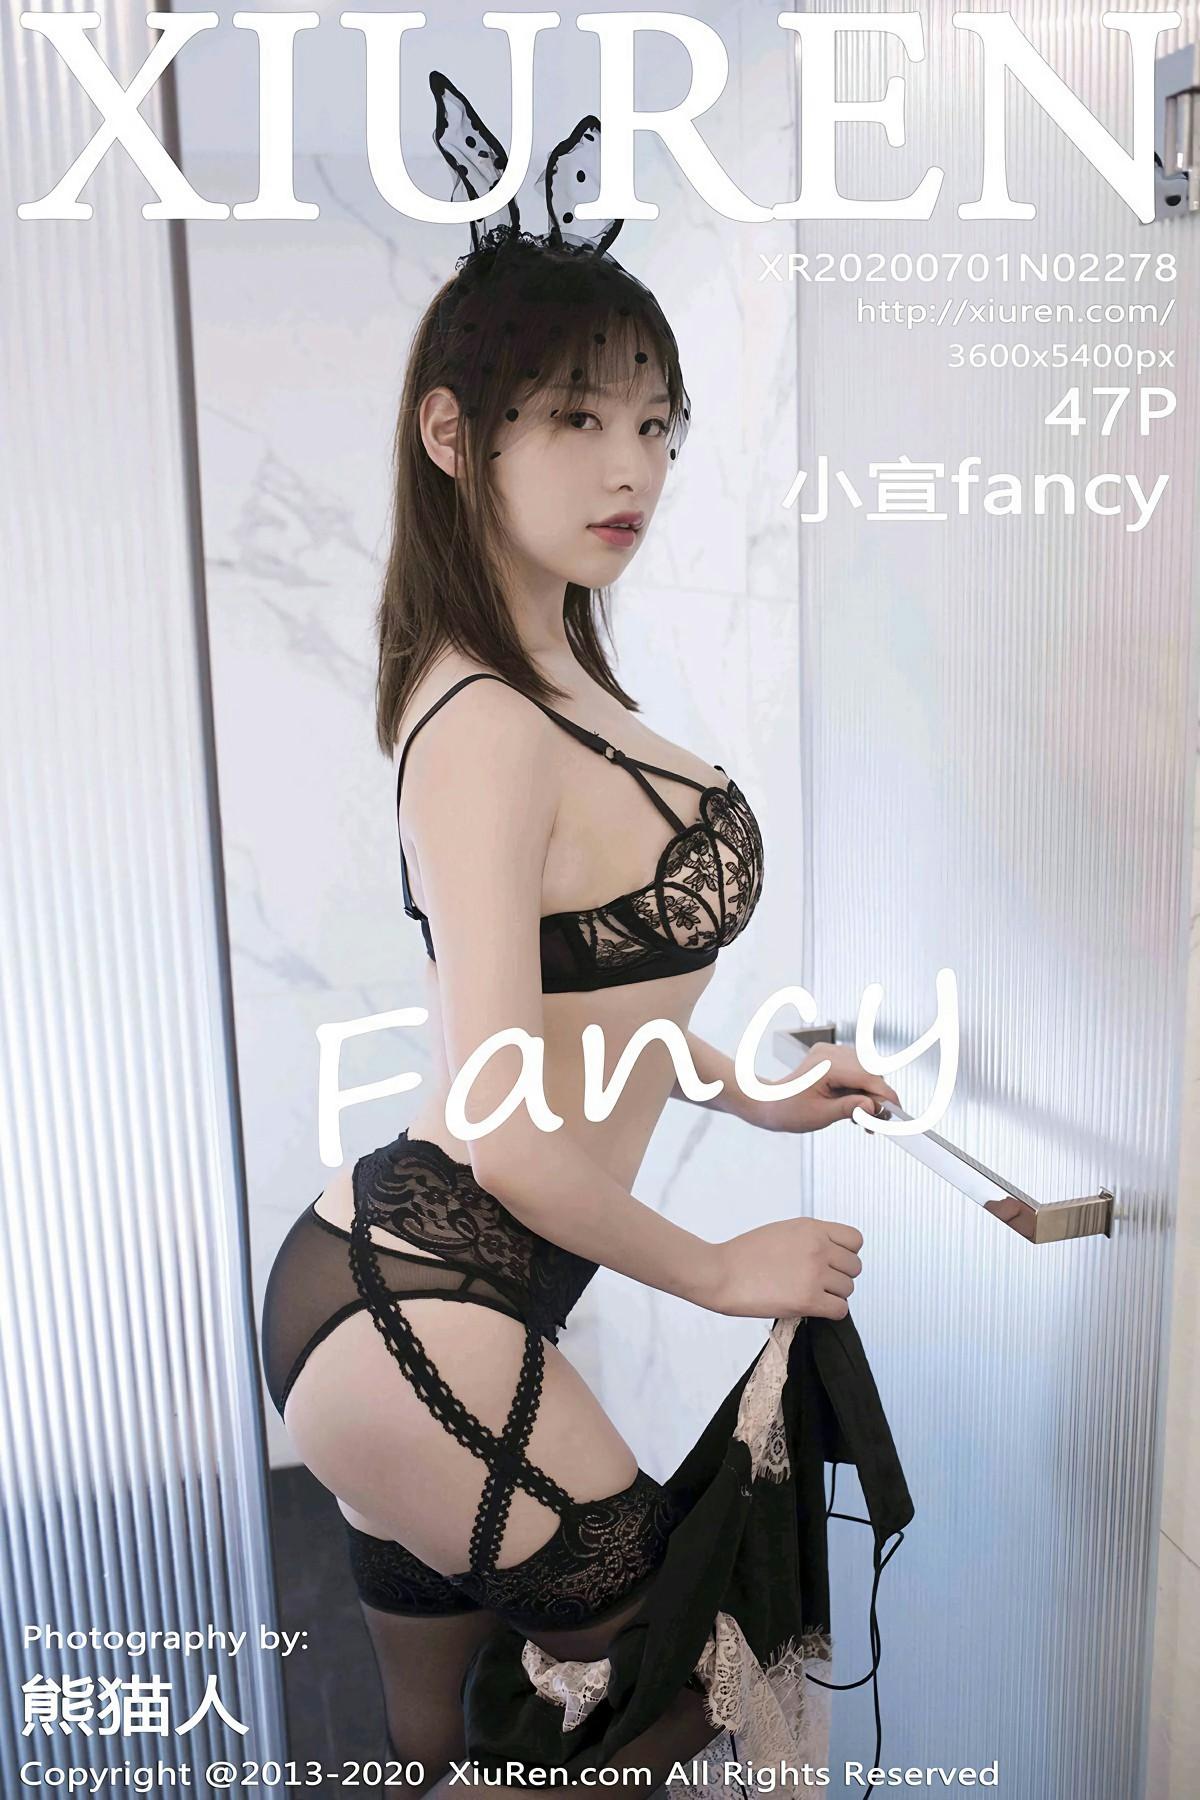 [XiuRen秀人网] 2020.07.01 No.2278 小宣fancy 第1张